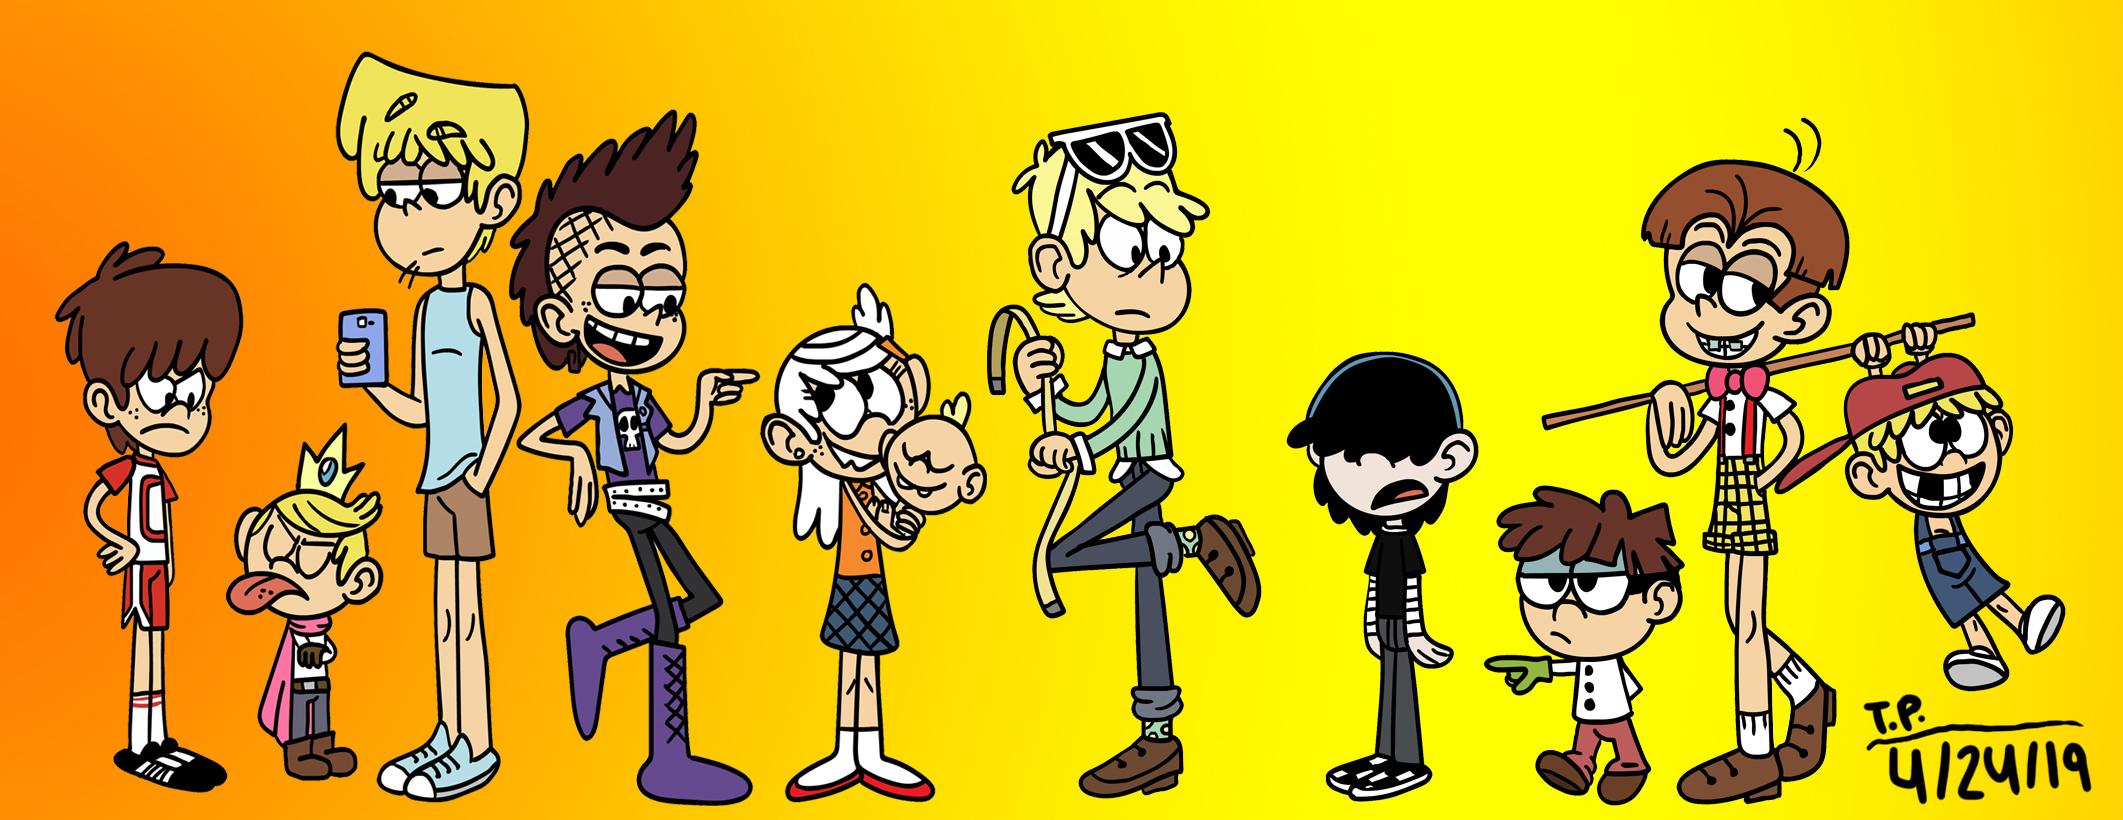 /co/ - Comics & Cartoons » Thread #99040528